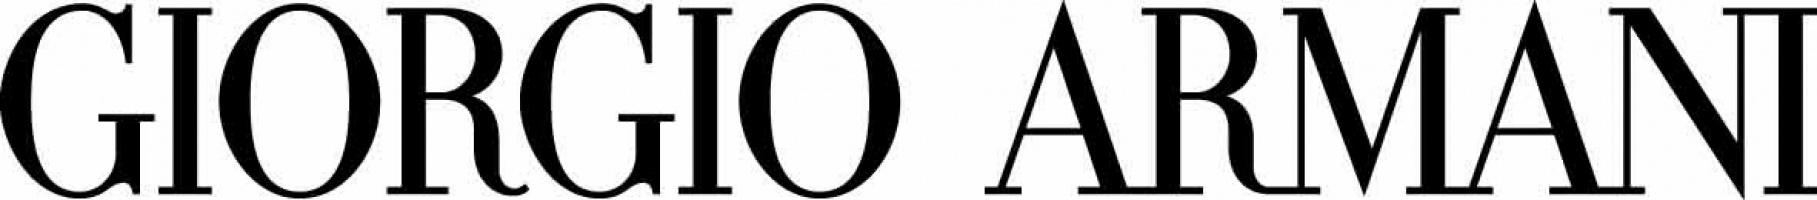 logo scritta nero sfondo bianco Giorgio Armani